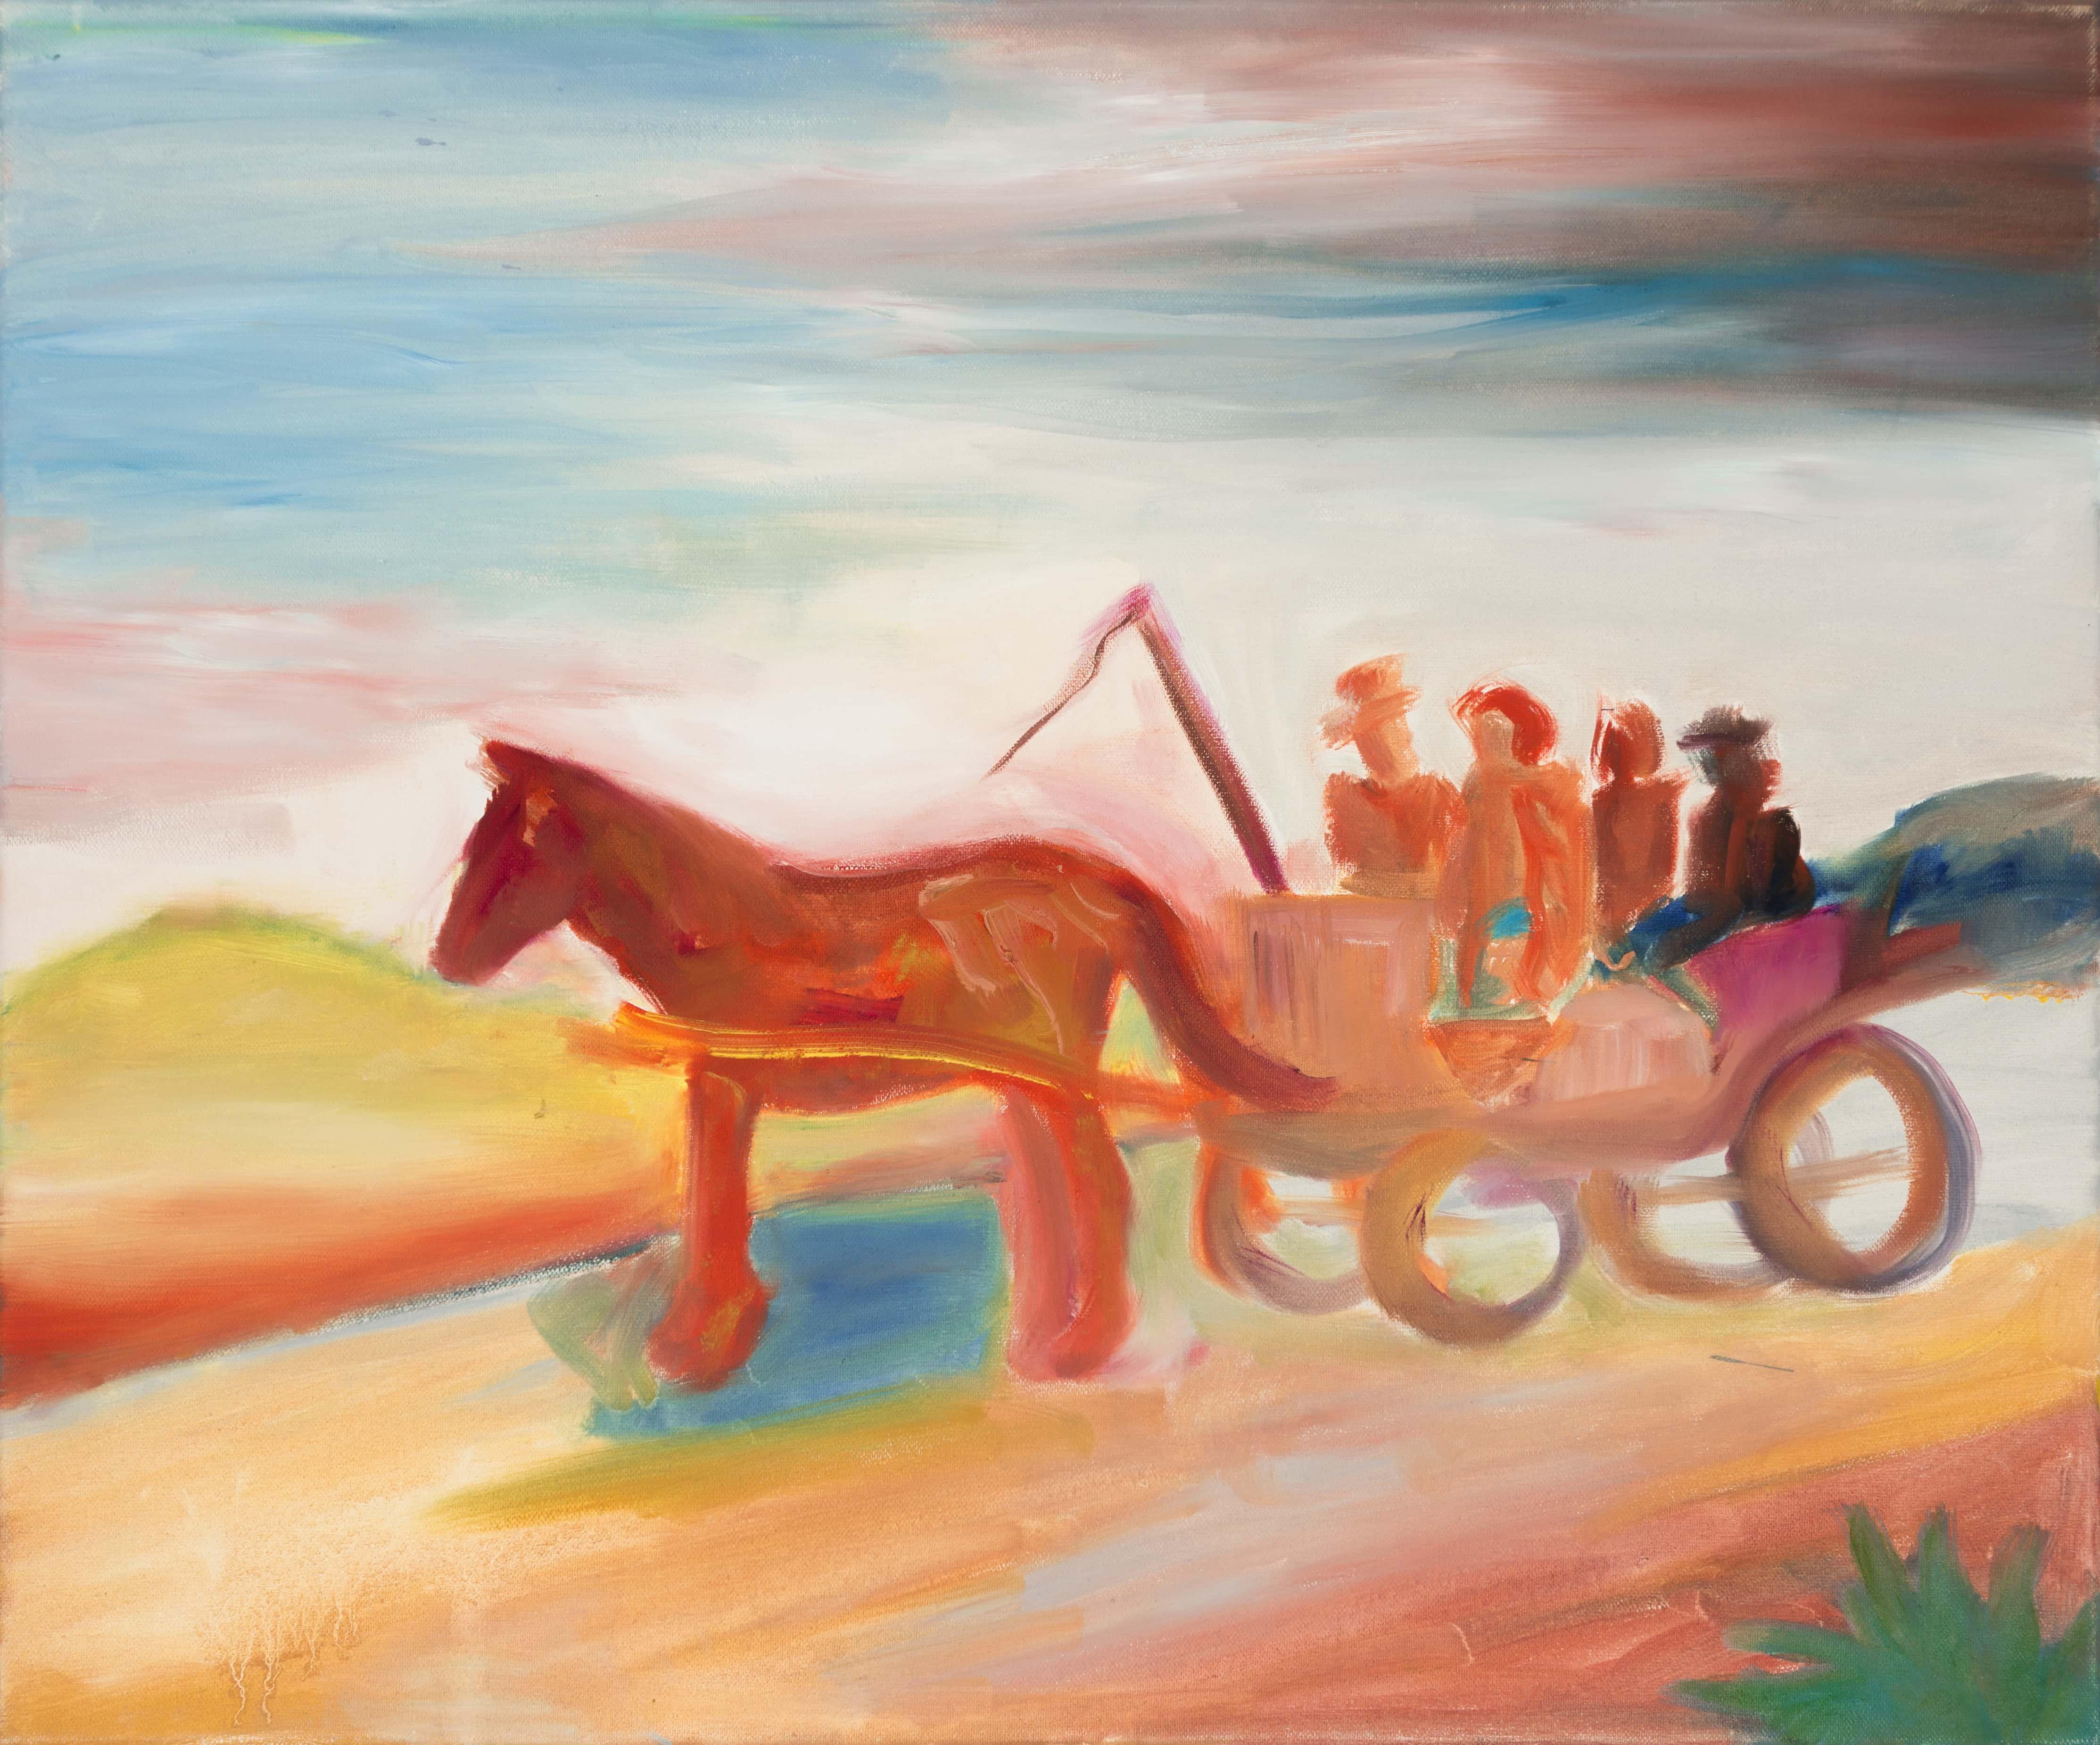 Malerei, Öl auf Leinwand, 60cm x 50cm, 4 Figuren auf Pferdekutsche, artist: Franziska King